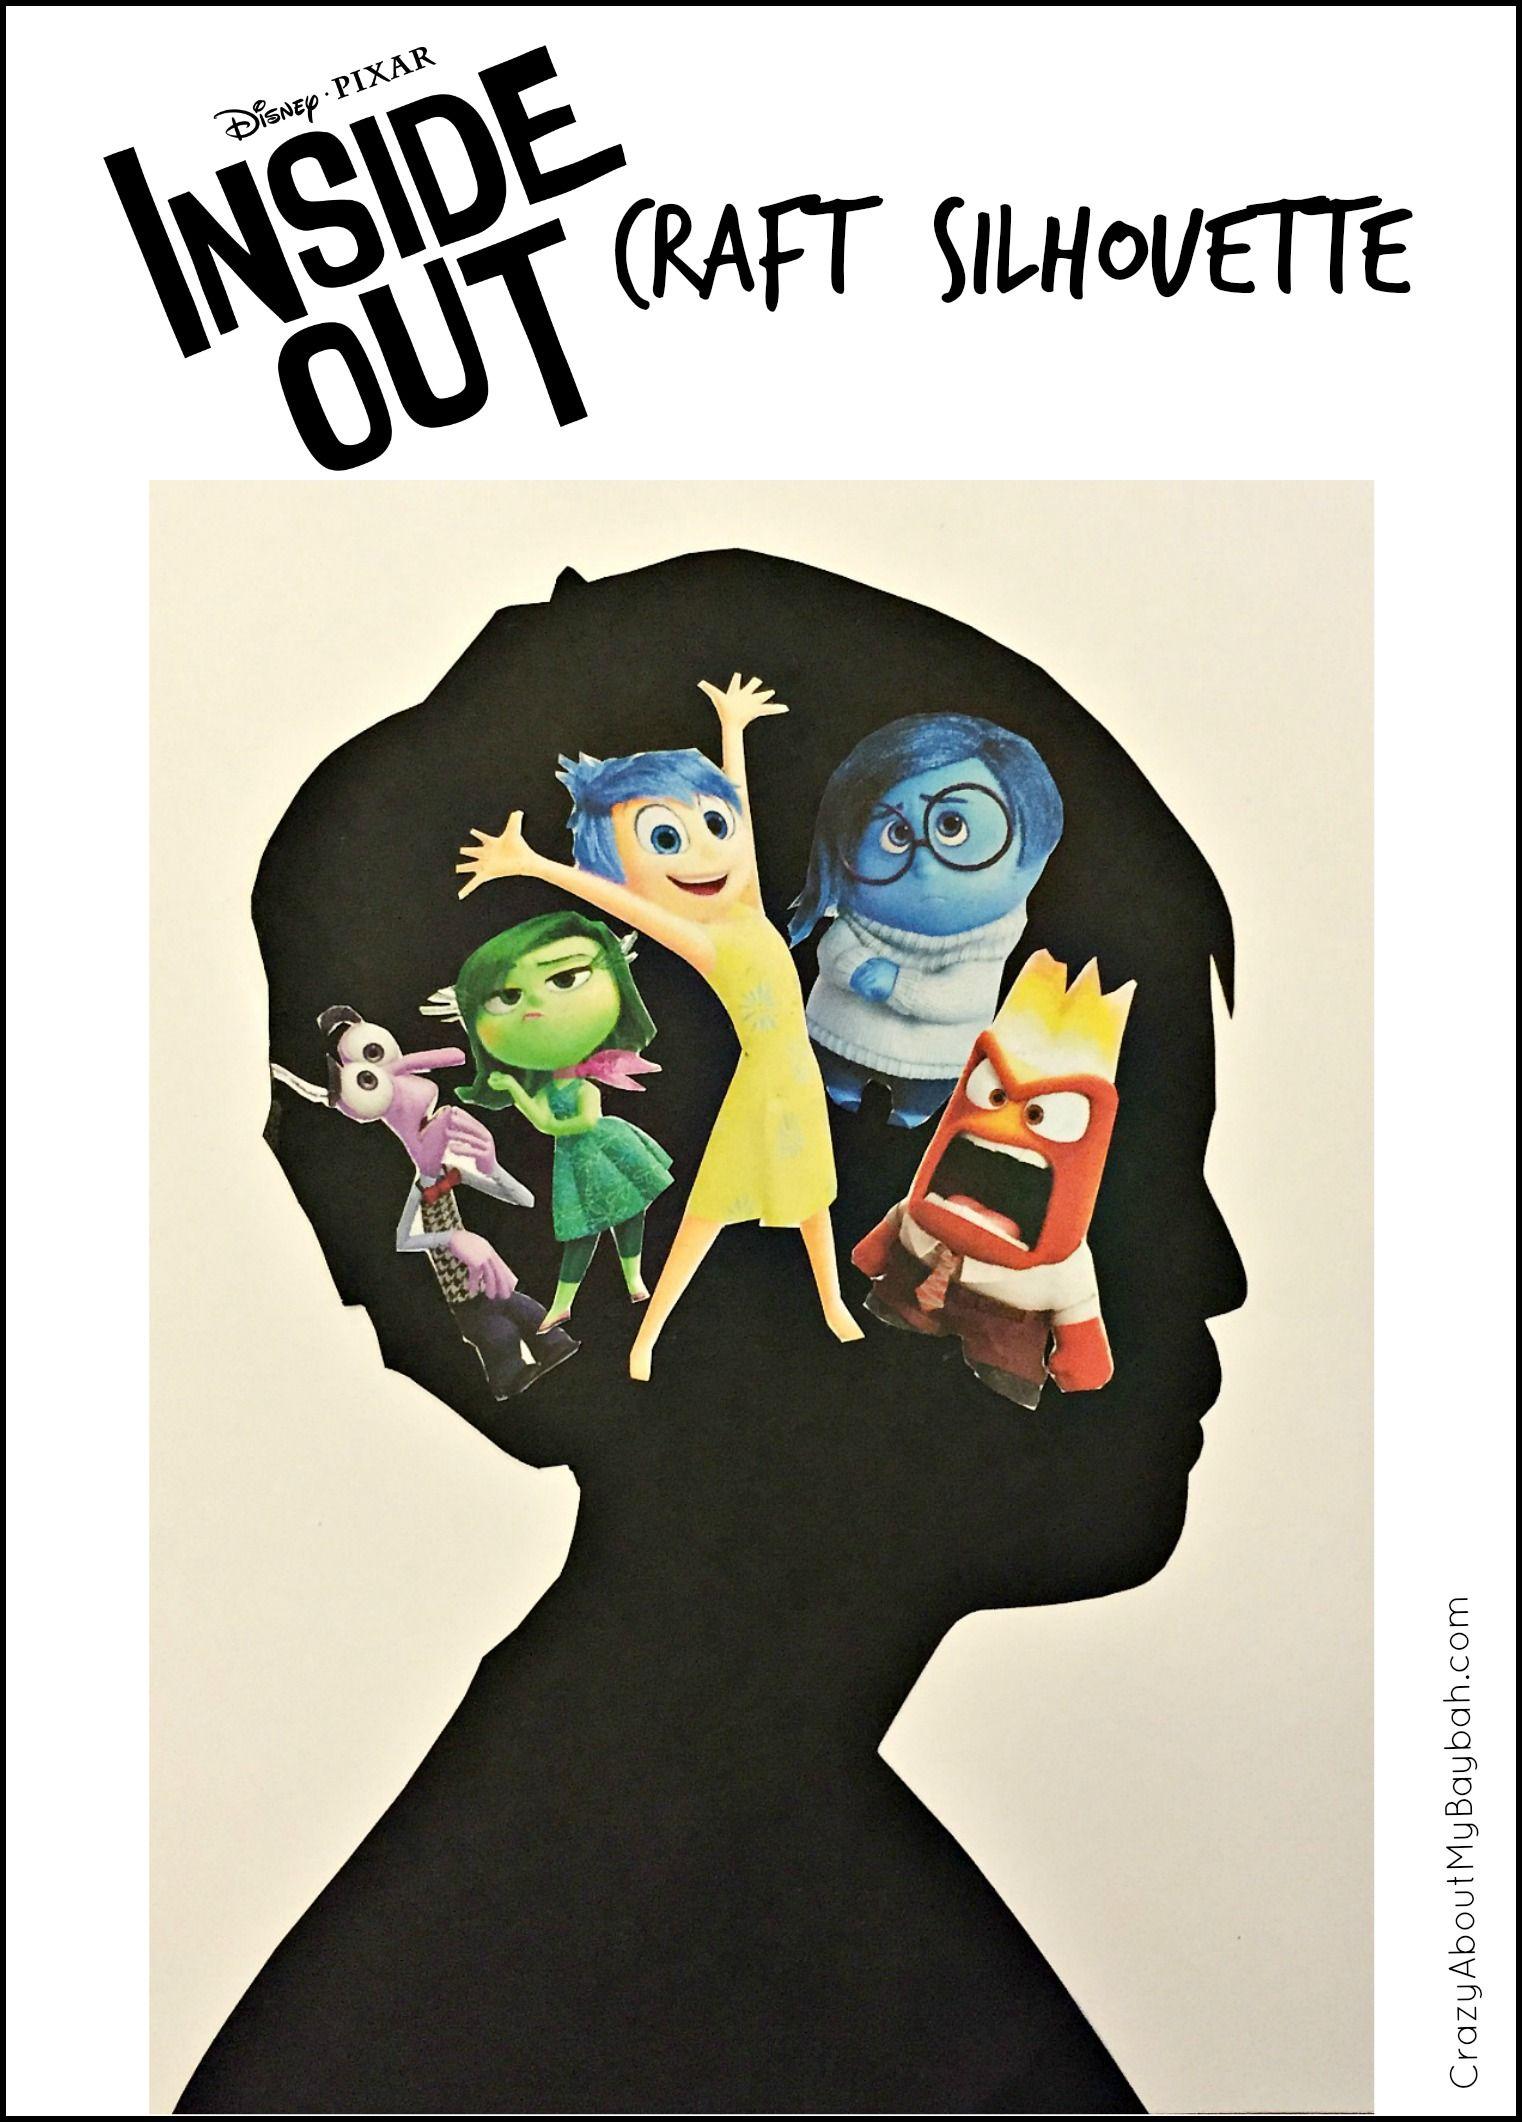 Pixar Inside Out Craft